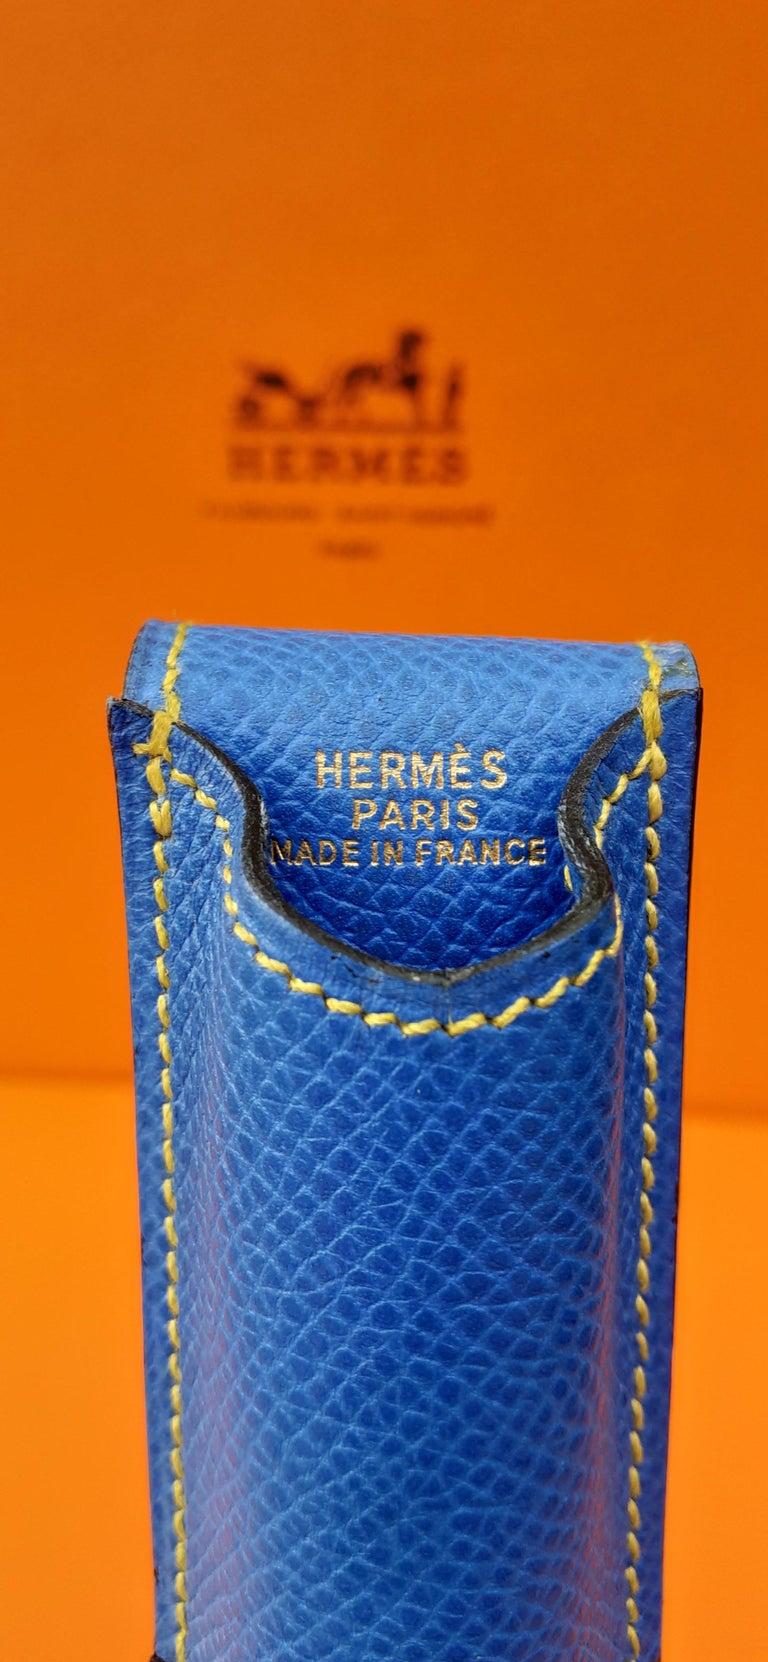 Hermès Vintage Pencil Pen Case Courchevel Leather Blue Yellow RARE For Sale 7